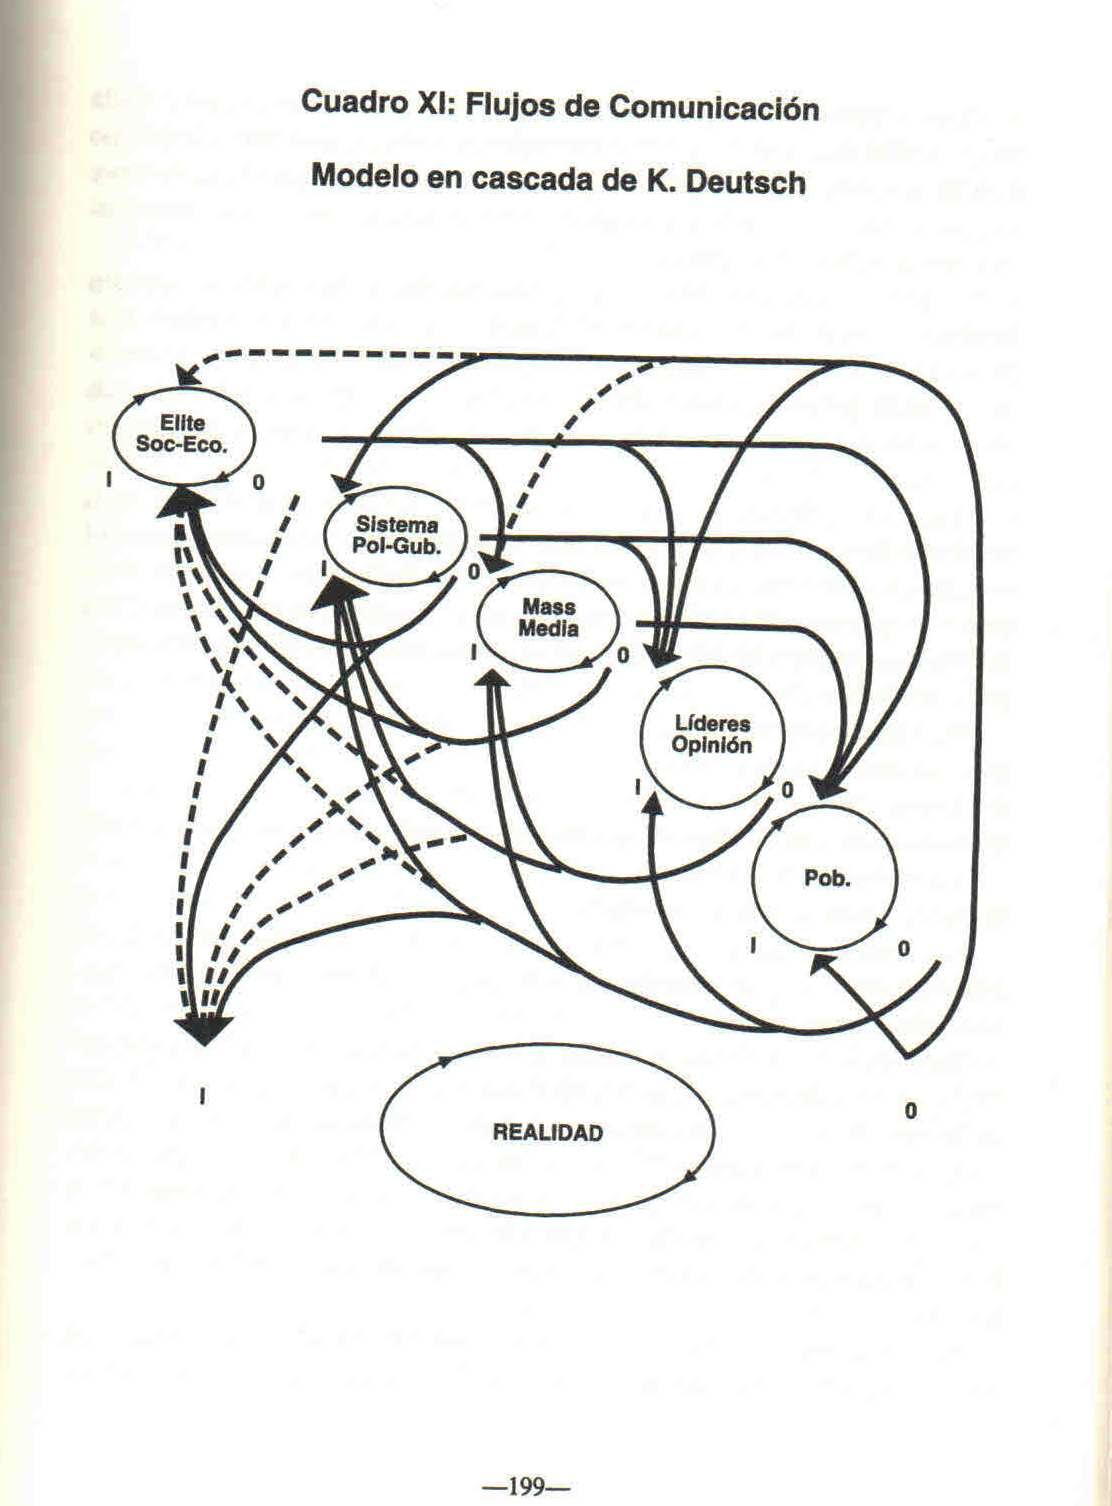 flujos comunic 1